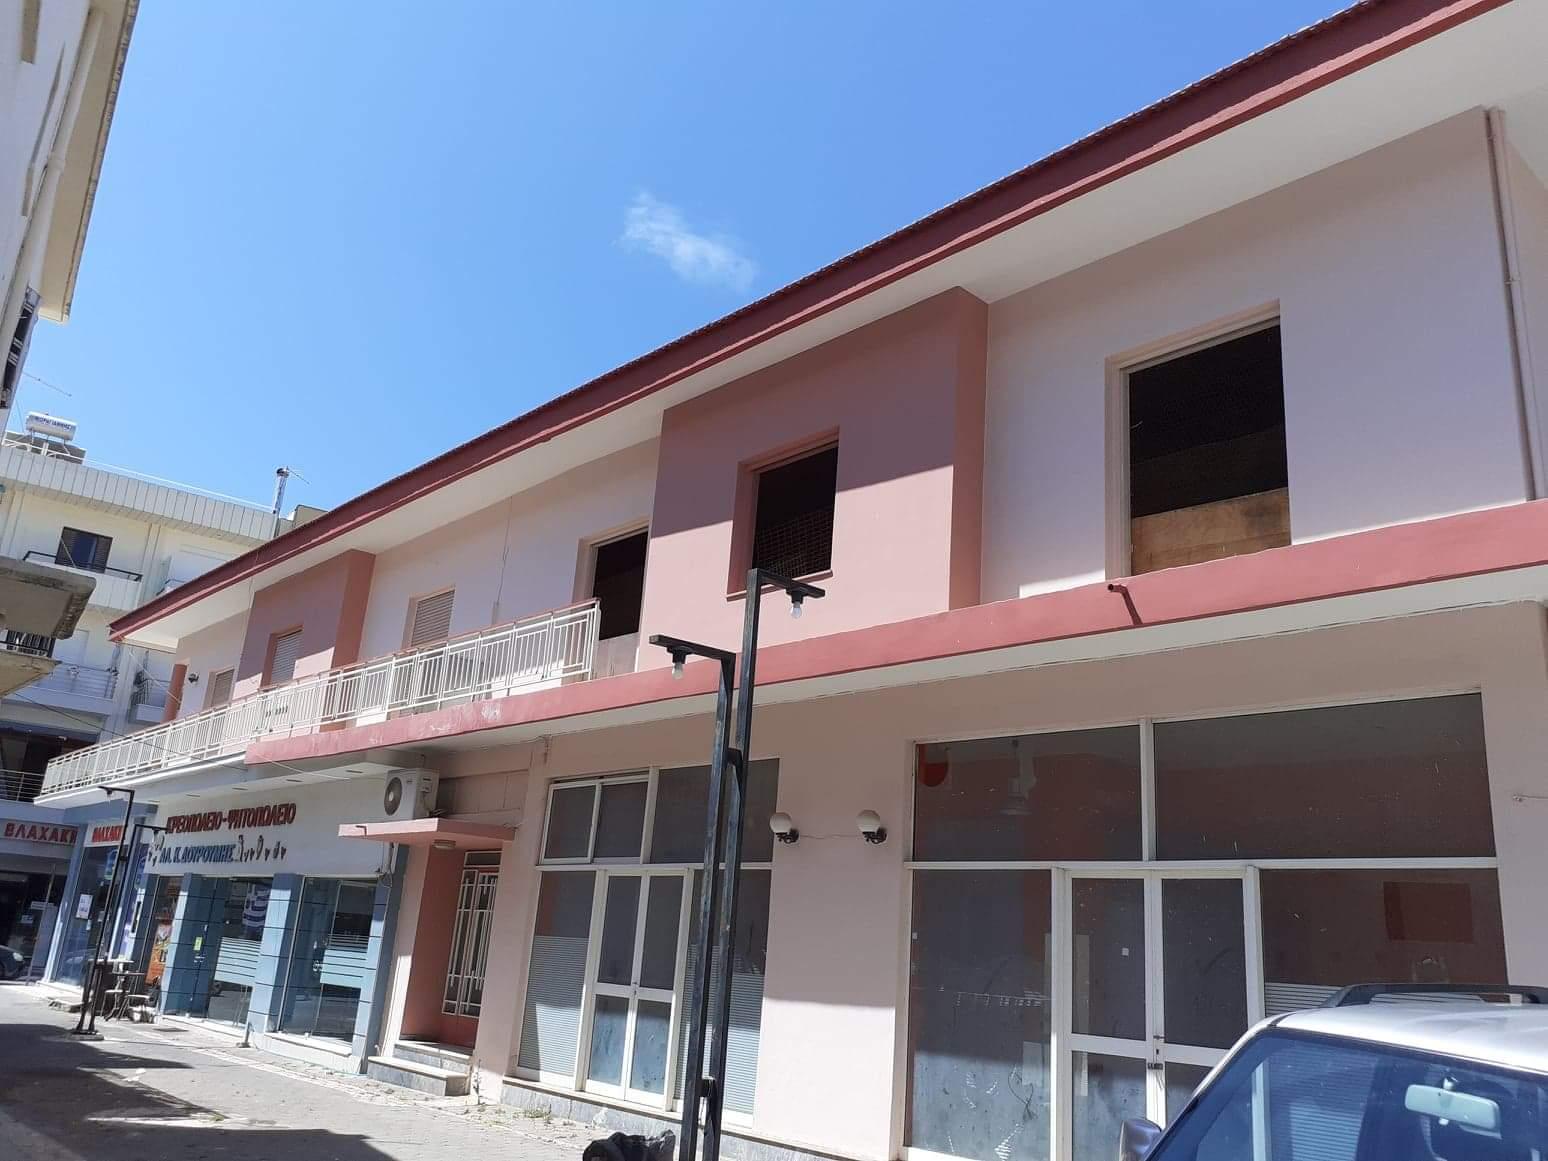 Πωλείται επαγγελματικό κτήριο 900τ.μ στο κέντρο της Μεσσήνης